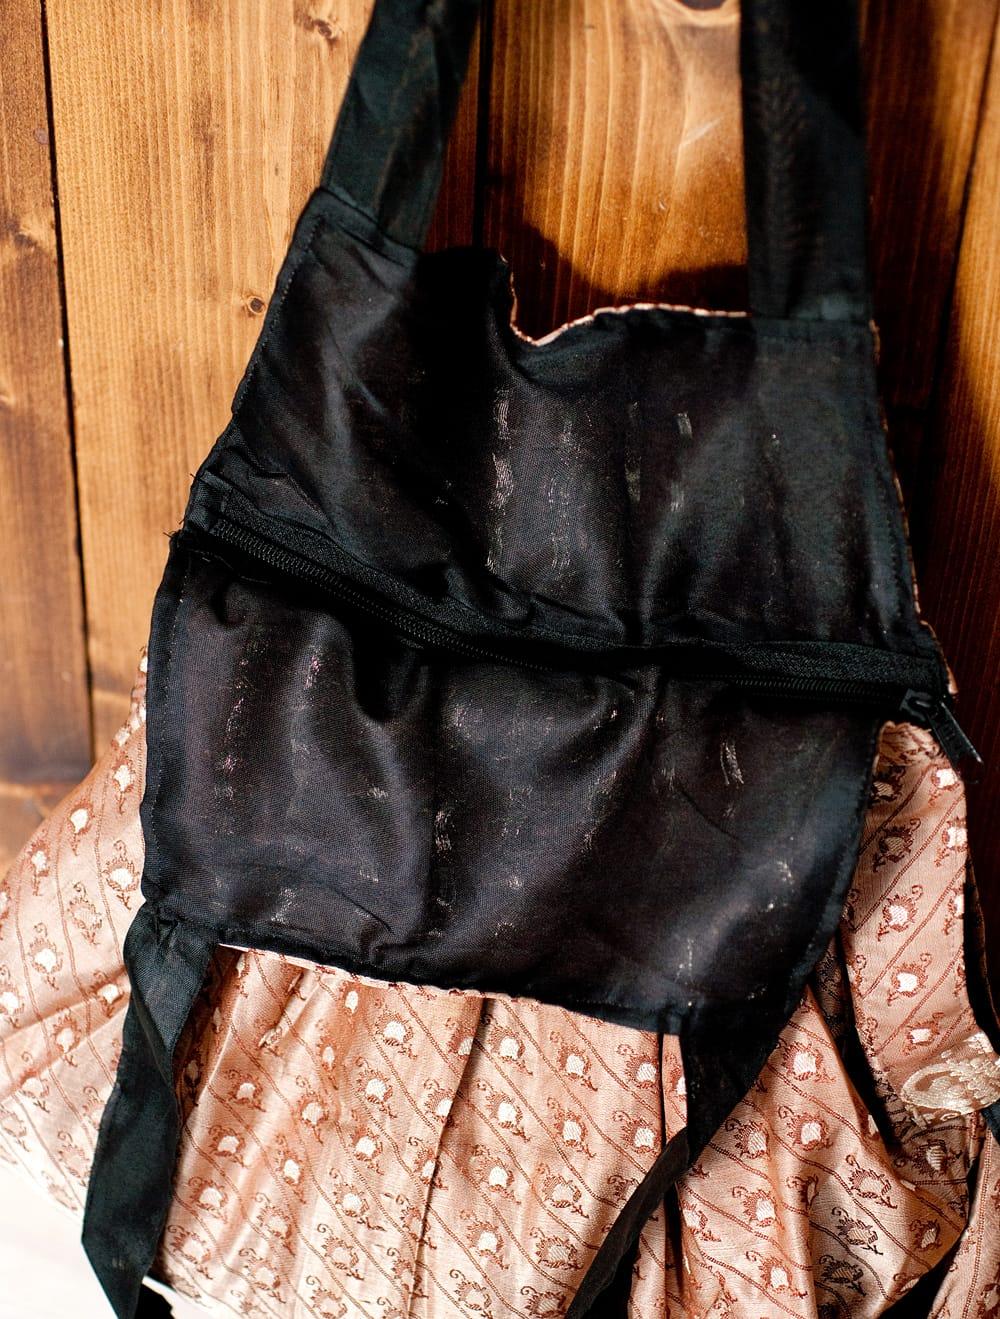 オールドシルクサリーのジッパー付き肩掛けバッグ - 選べる一点物 6 - ファスナー部分の写真です